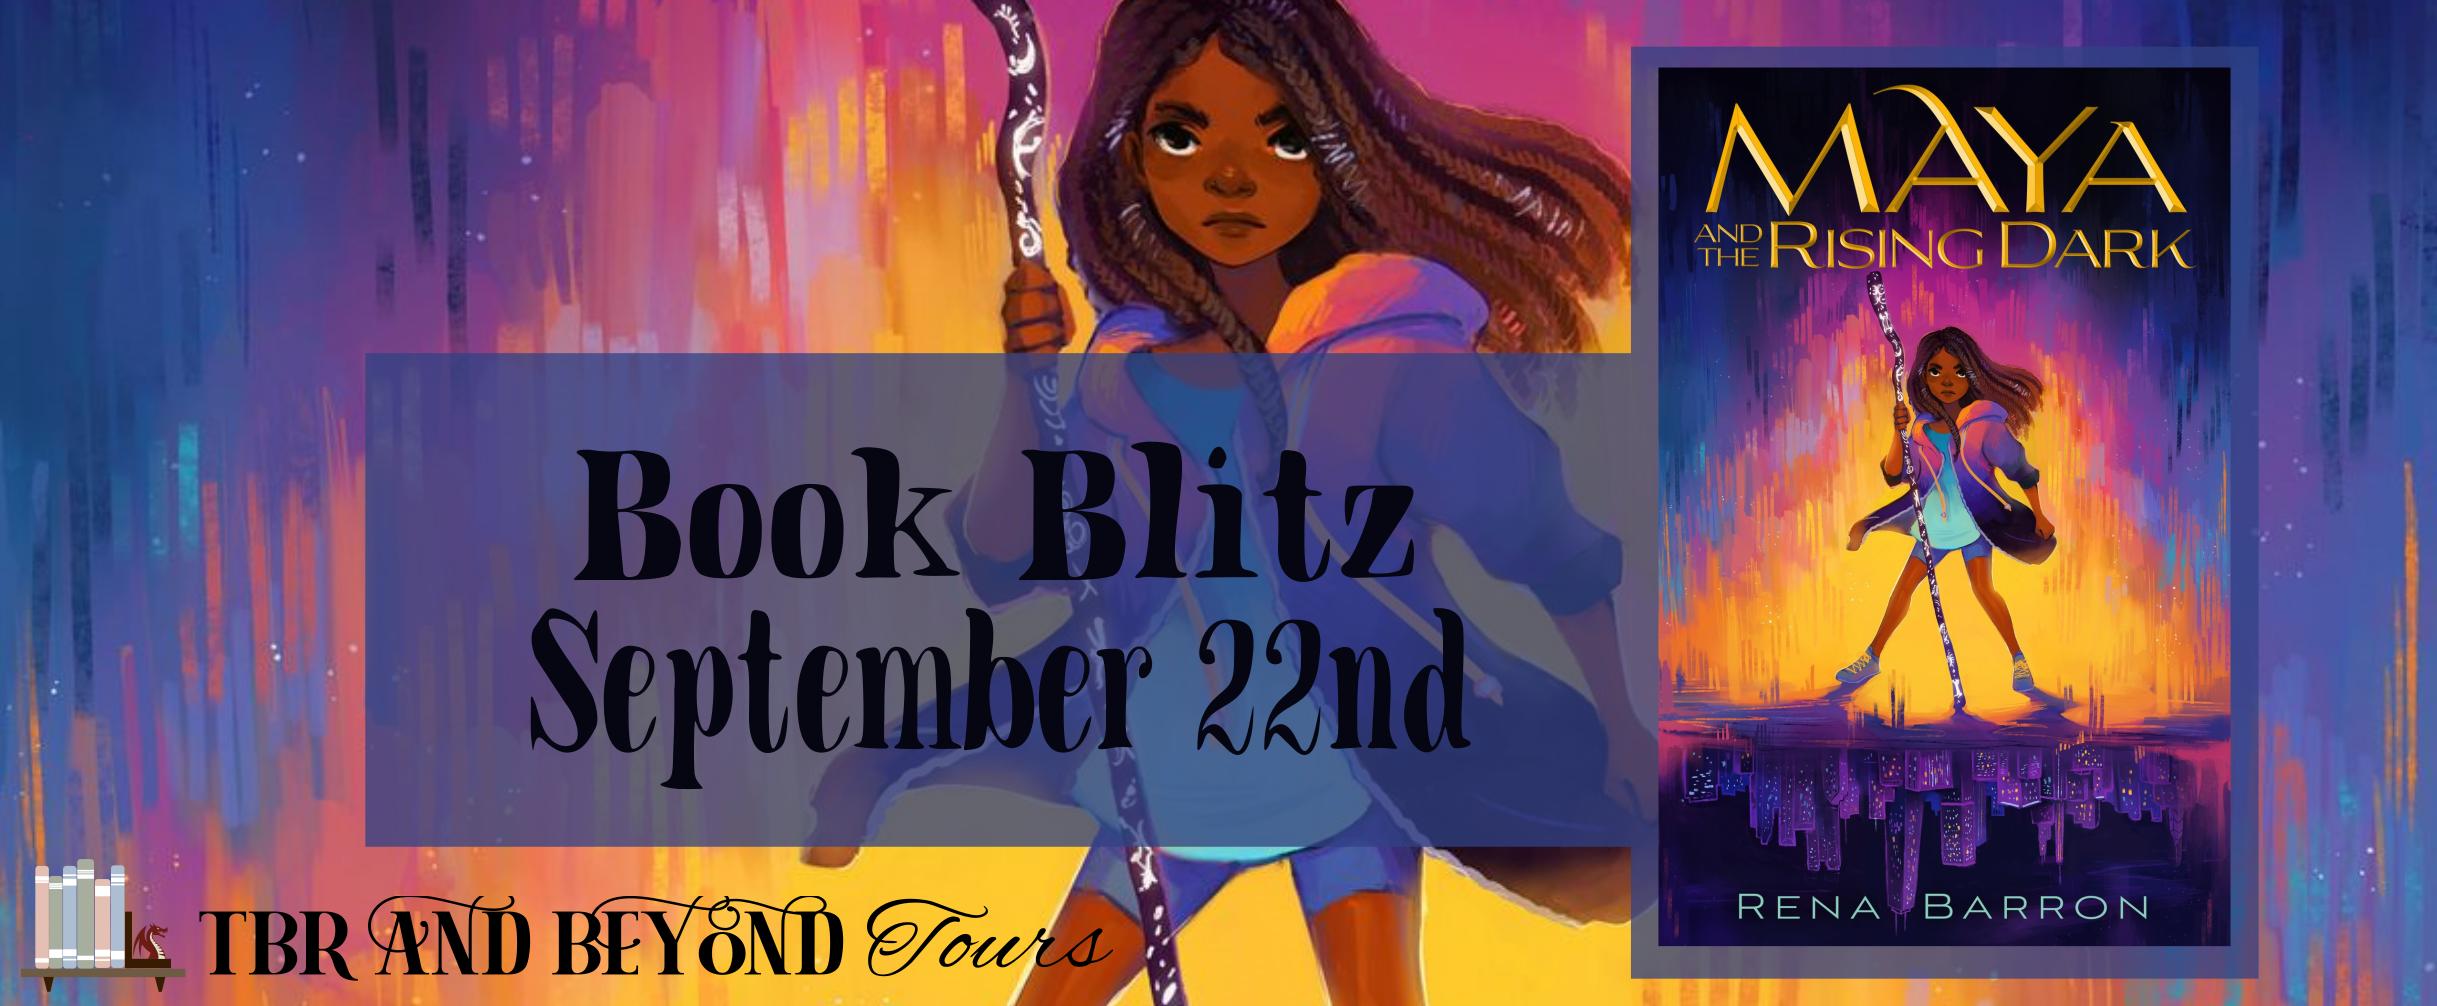 Blog Blitz: Maya and the Rising Dark by Rena Barron